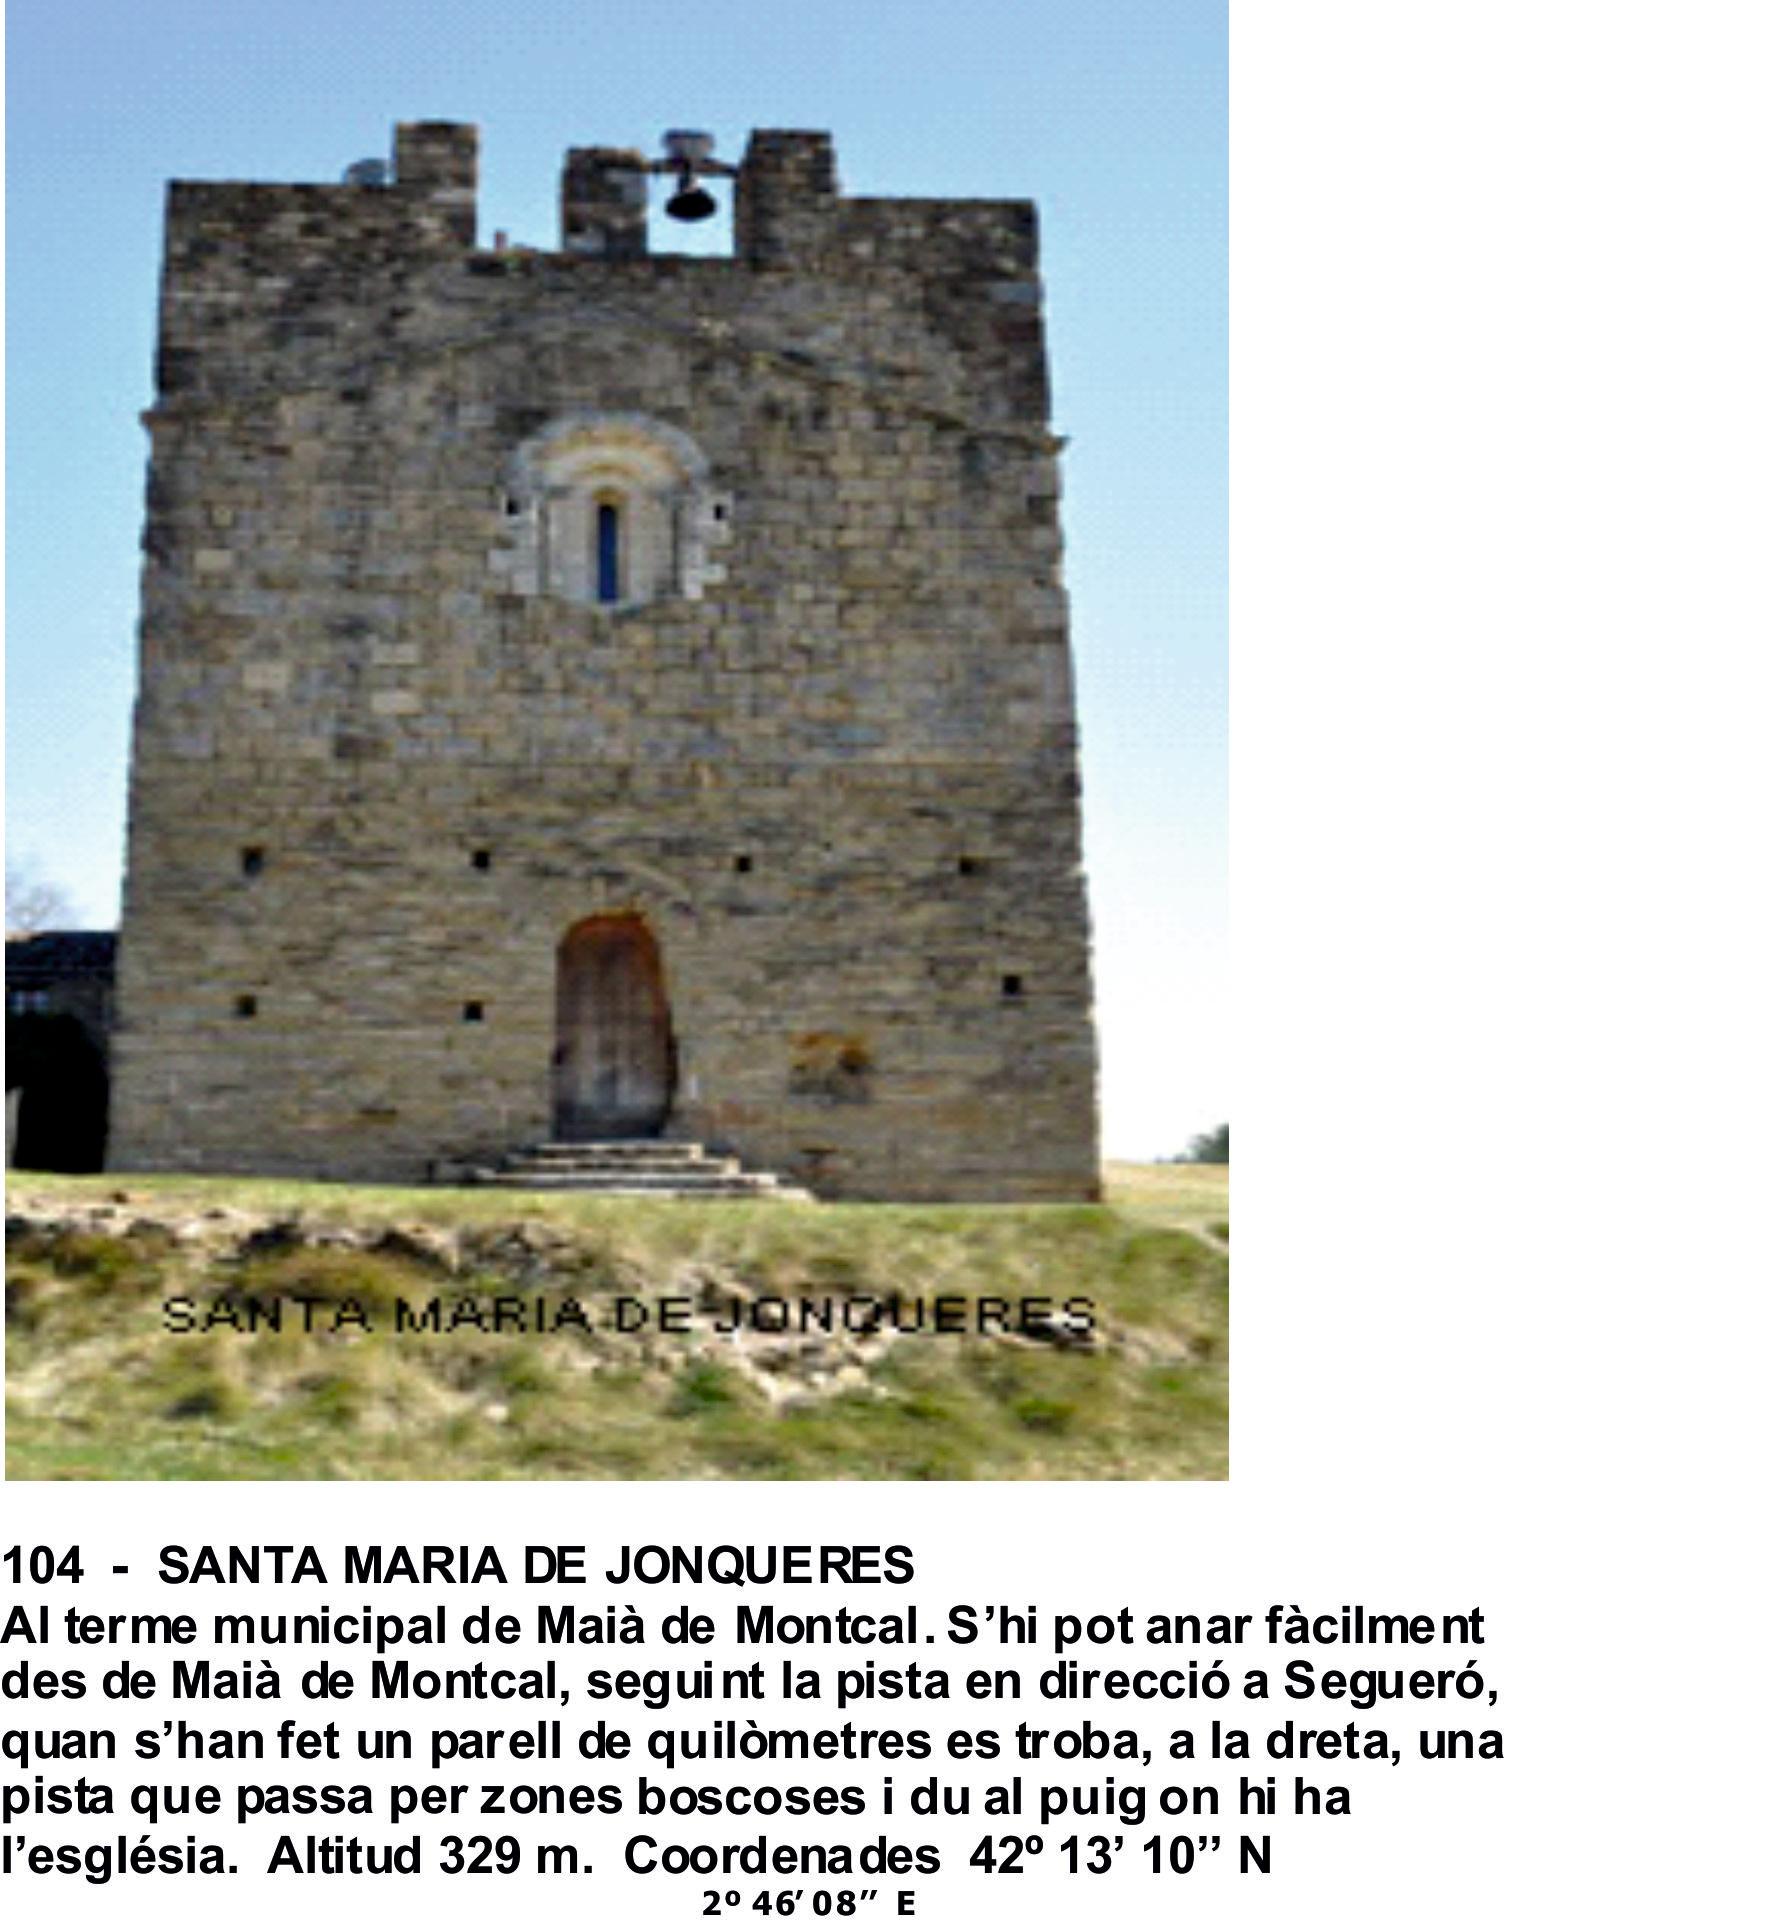 104  -  SANTA MARIA DE JONQUERES